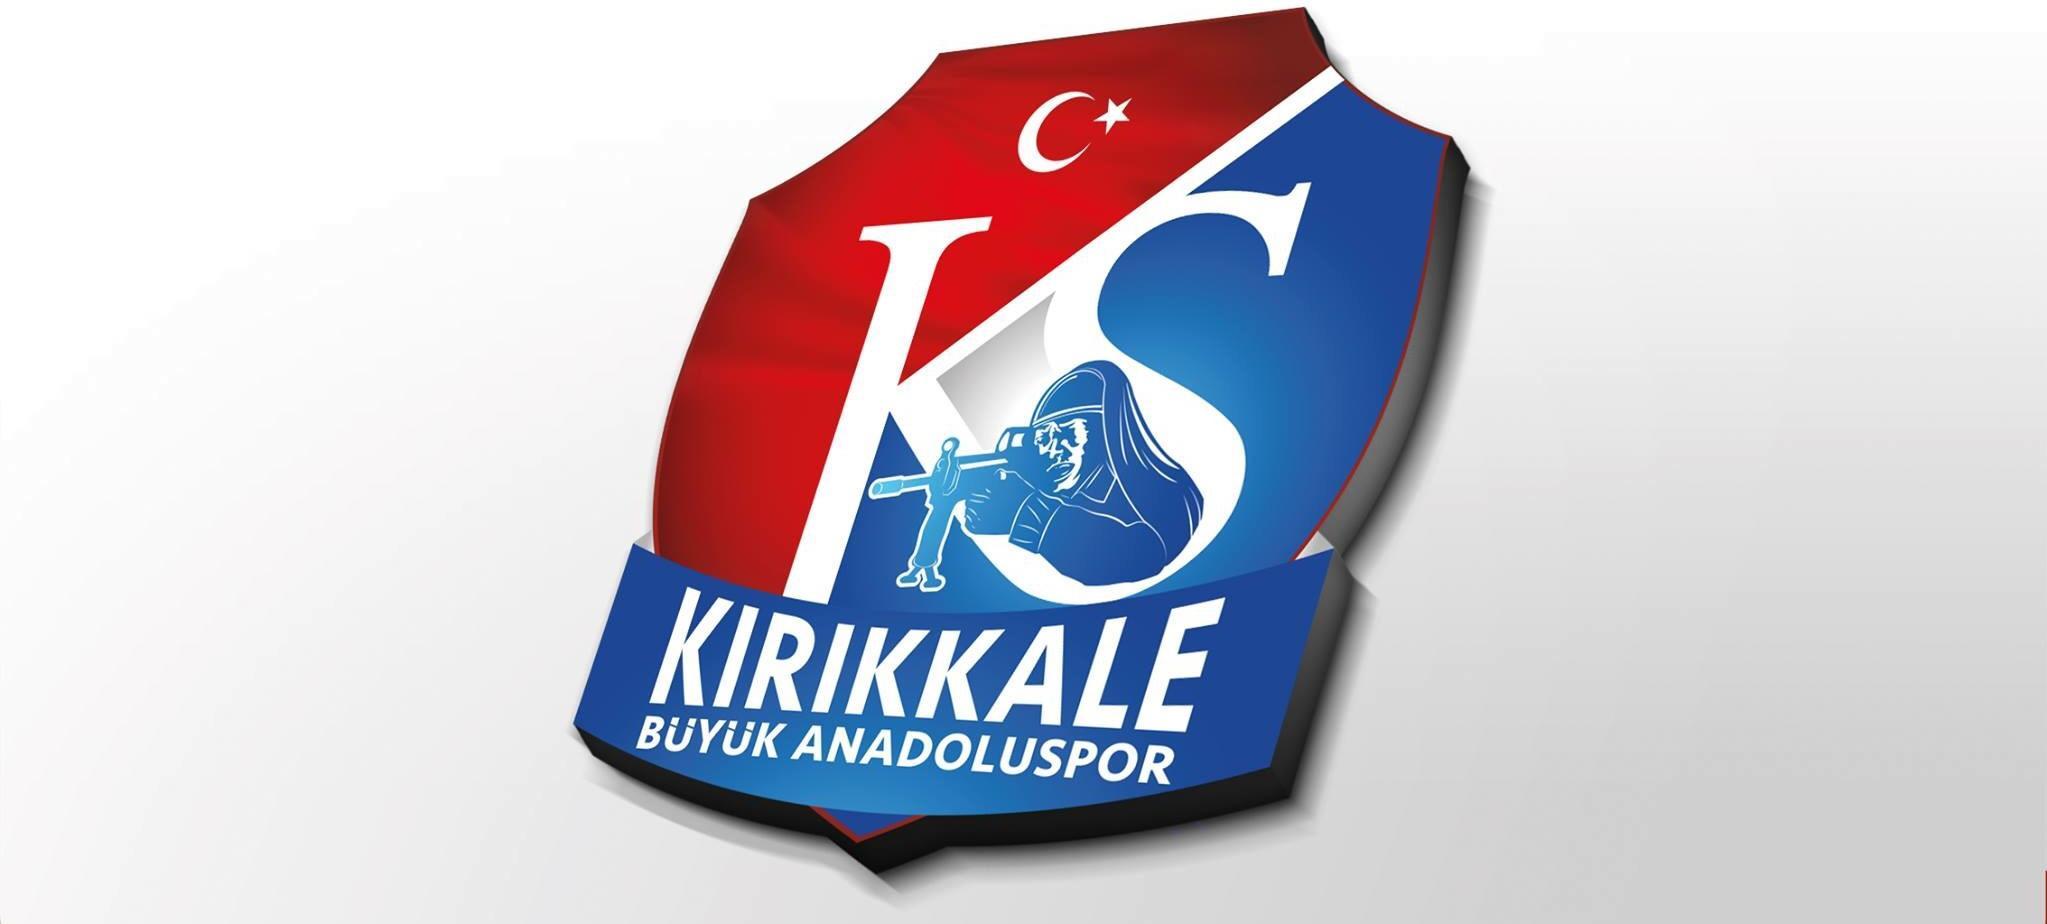 Bölgesel Amatör Lig (BAL) 6. Grup'ta mücadele eden Kırıkkale Büyük Anadoluspor Kulübü, Çubukspor'u küfür ve ağır hakaret içerikli sözlerden dolayı Türkiye Futbol Federasyonu (TFF) Amatör Disiplin Kurulu Başkanlığı'na şikayet etti.